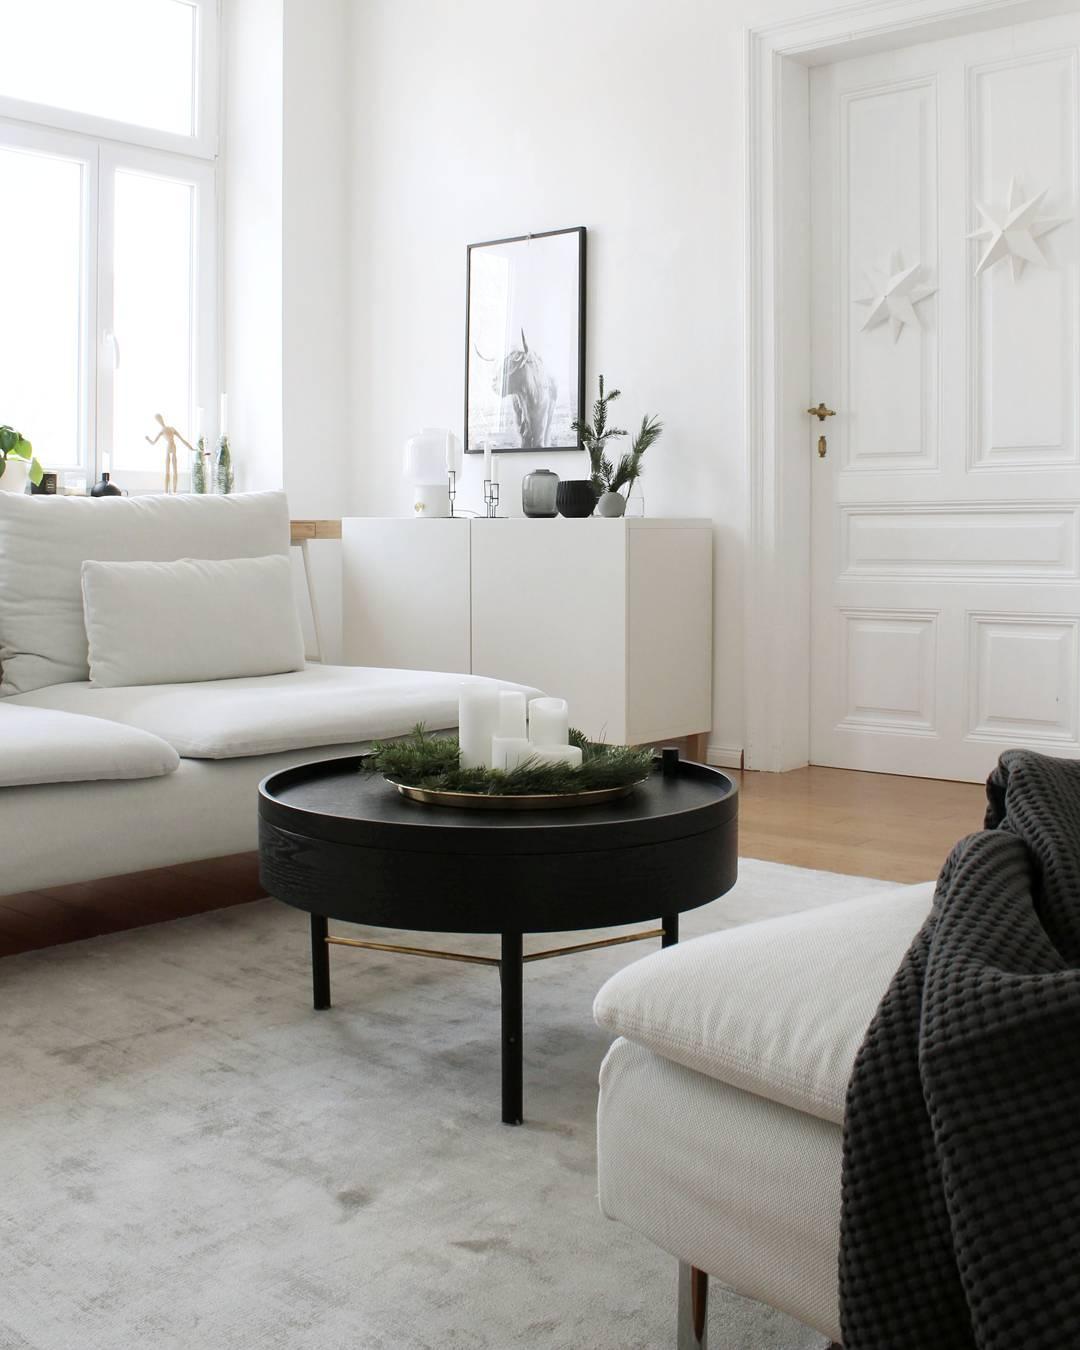 altbau o bilder ideen o couchstyle wohnzimmer gestalten. Black Bedroom Furniture Sets. Home Design Ideas